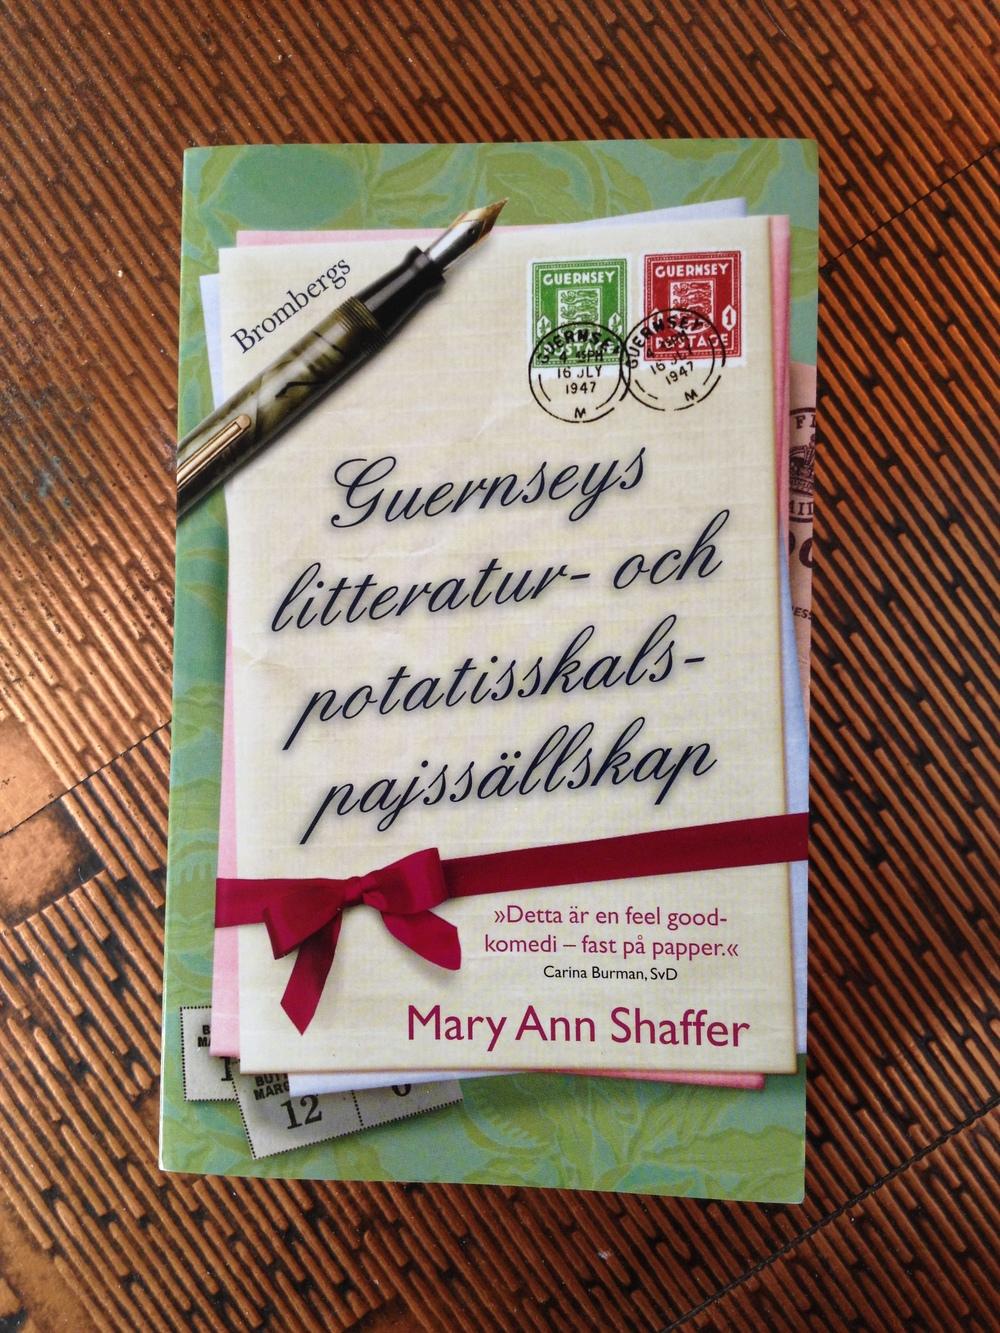 Guernseys litteratur- och potatisskalspajssällskap av Mary Ann Shaffer